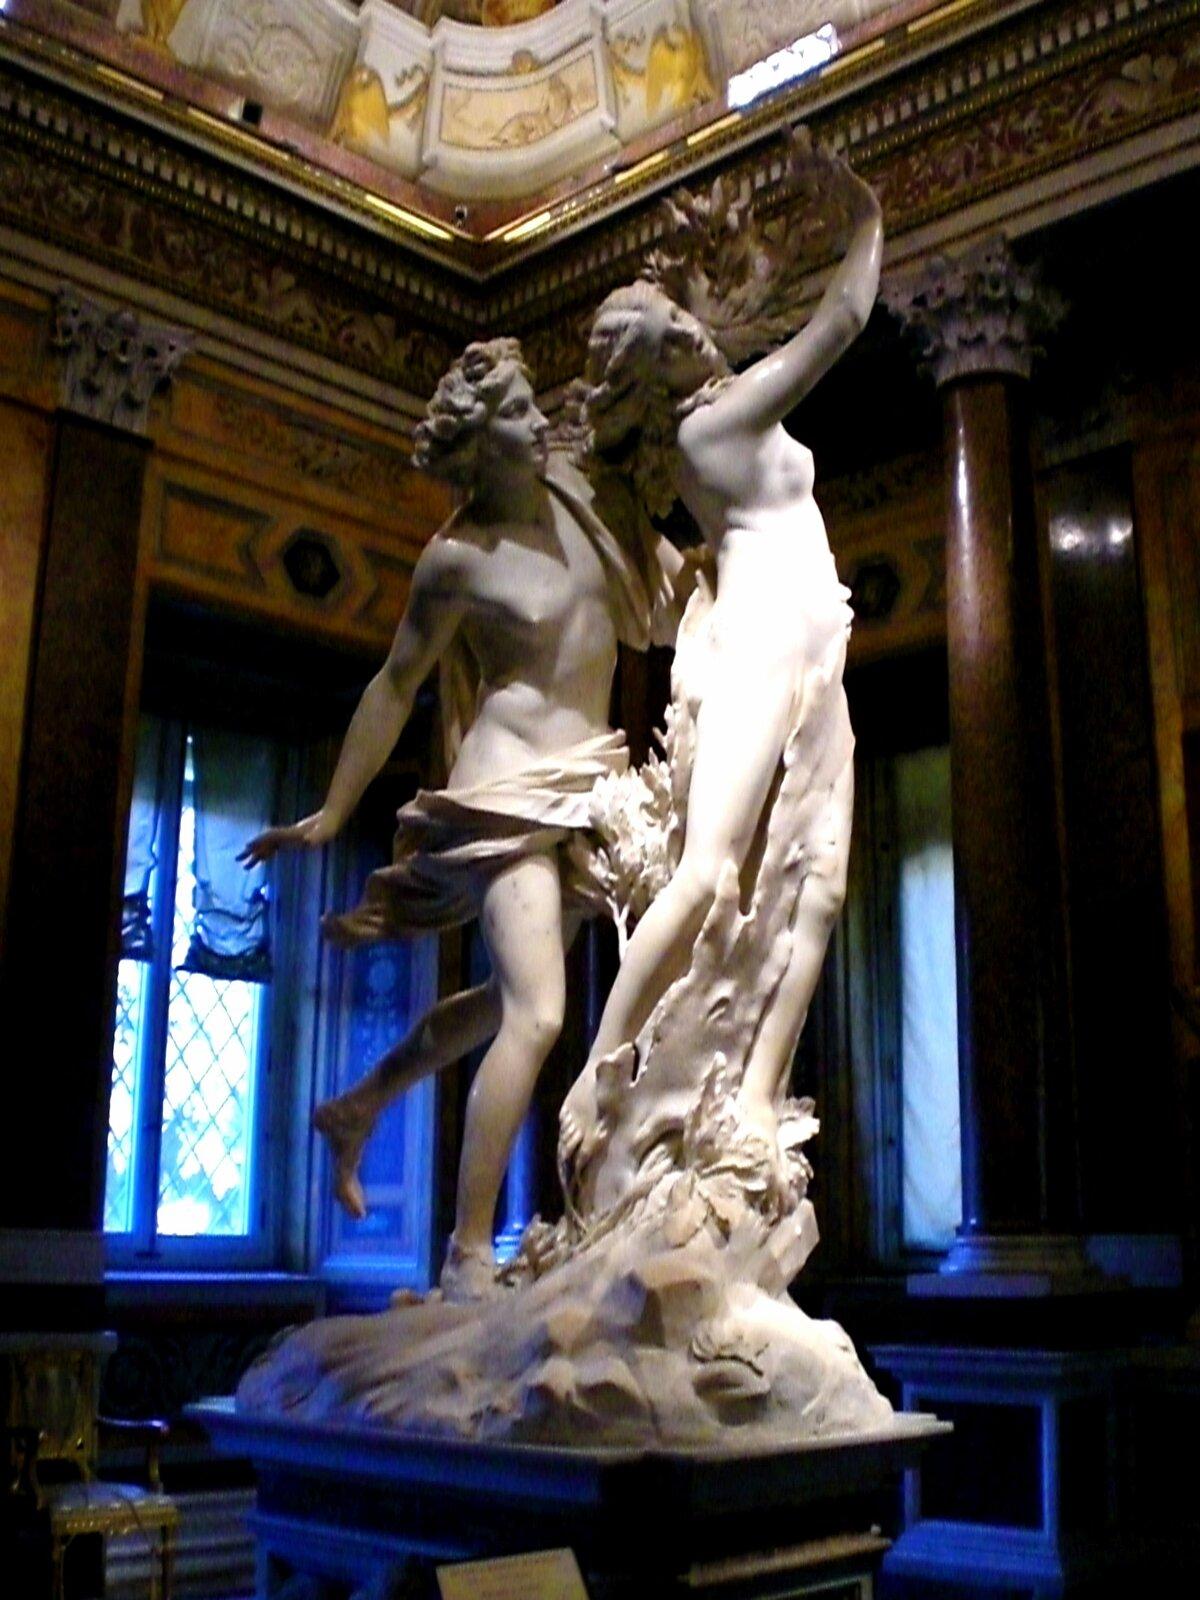 """Ilustracja przedstawia rzeźbę """"Apollo iDafne """" autorstwa Gianalorenza Berniniego. Dzieło ukazuje młodego mężczyznę biegnącego za uciekającą, długowłosą kobietą zwyciągniętymi do przodu rękoma. Postacie przedstawione są nago. Młodzieniec ma przepasane draperią biodra. Wyrzeźbiona wbiałym marmurze scena jest skomponowana dynamicznie. Artyście udało się uchwycić lekki, swobodny ruch postaci."""